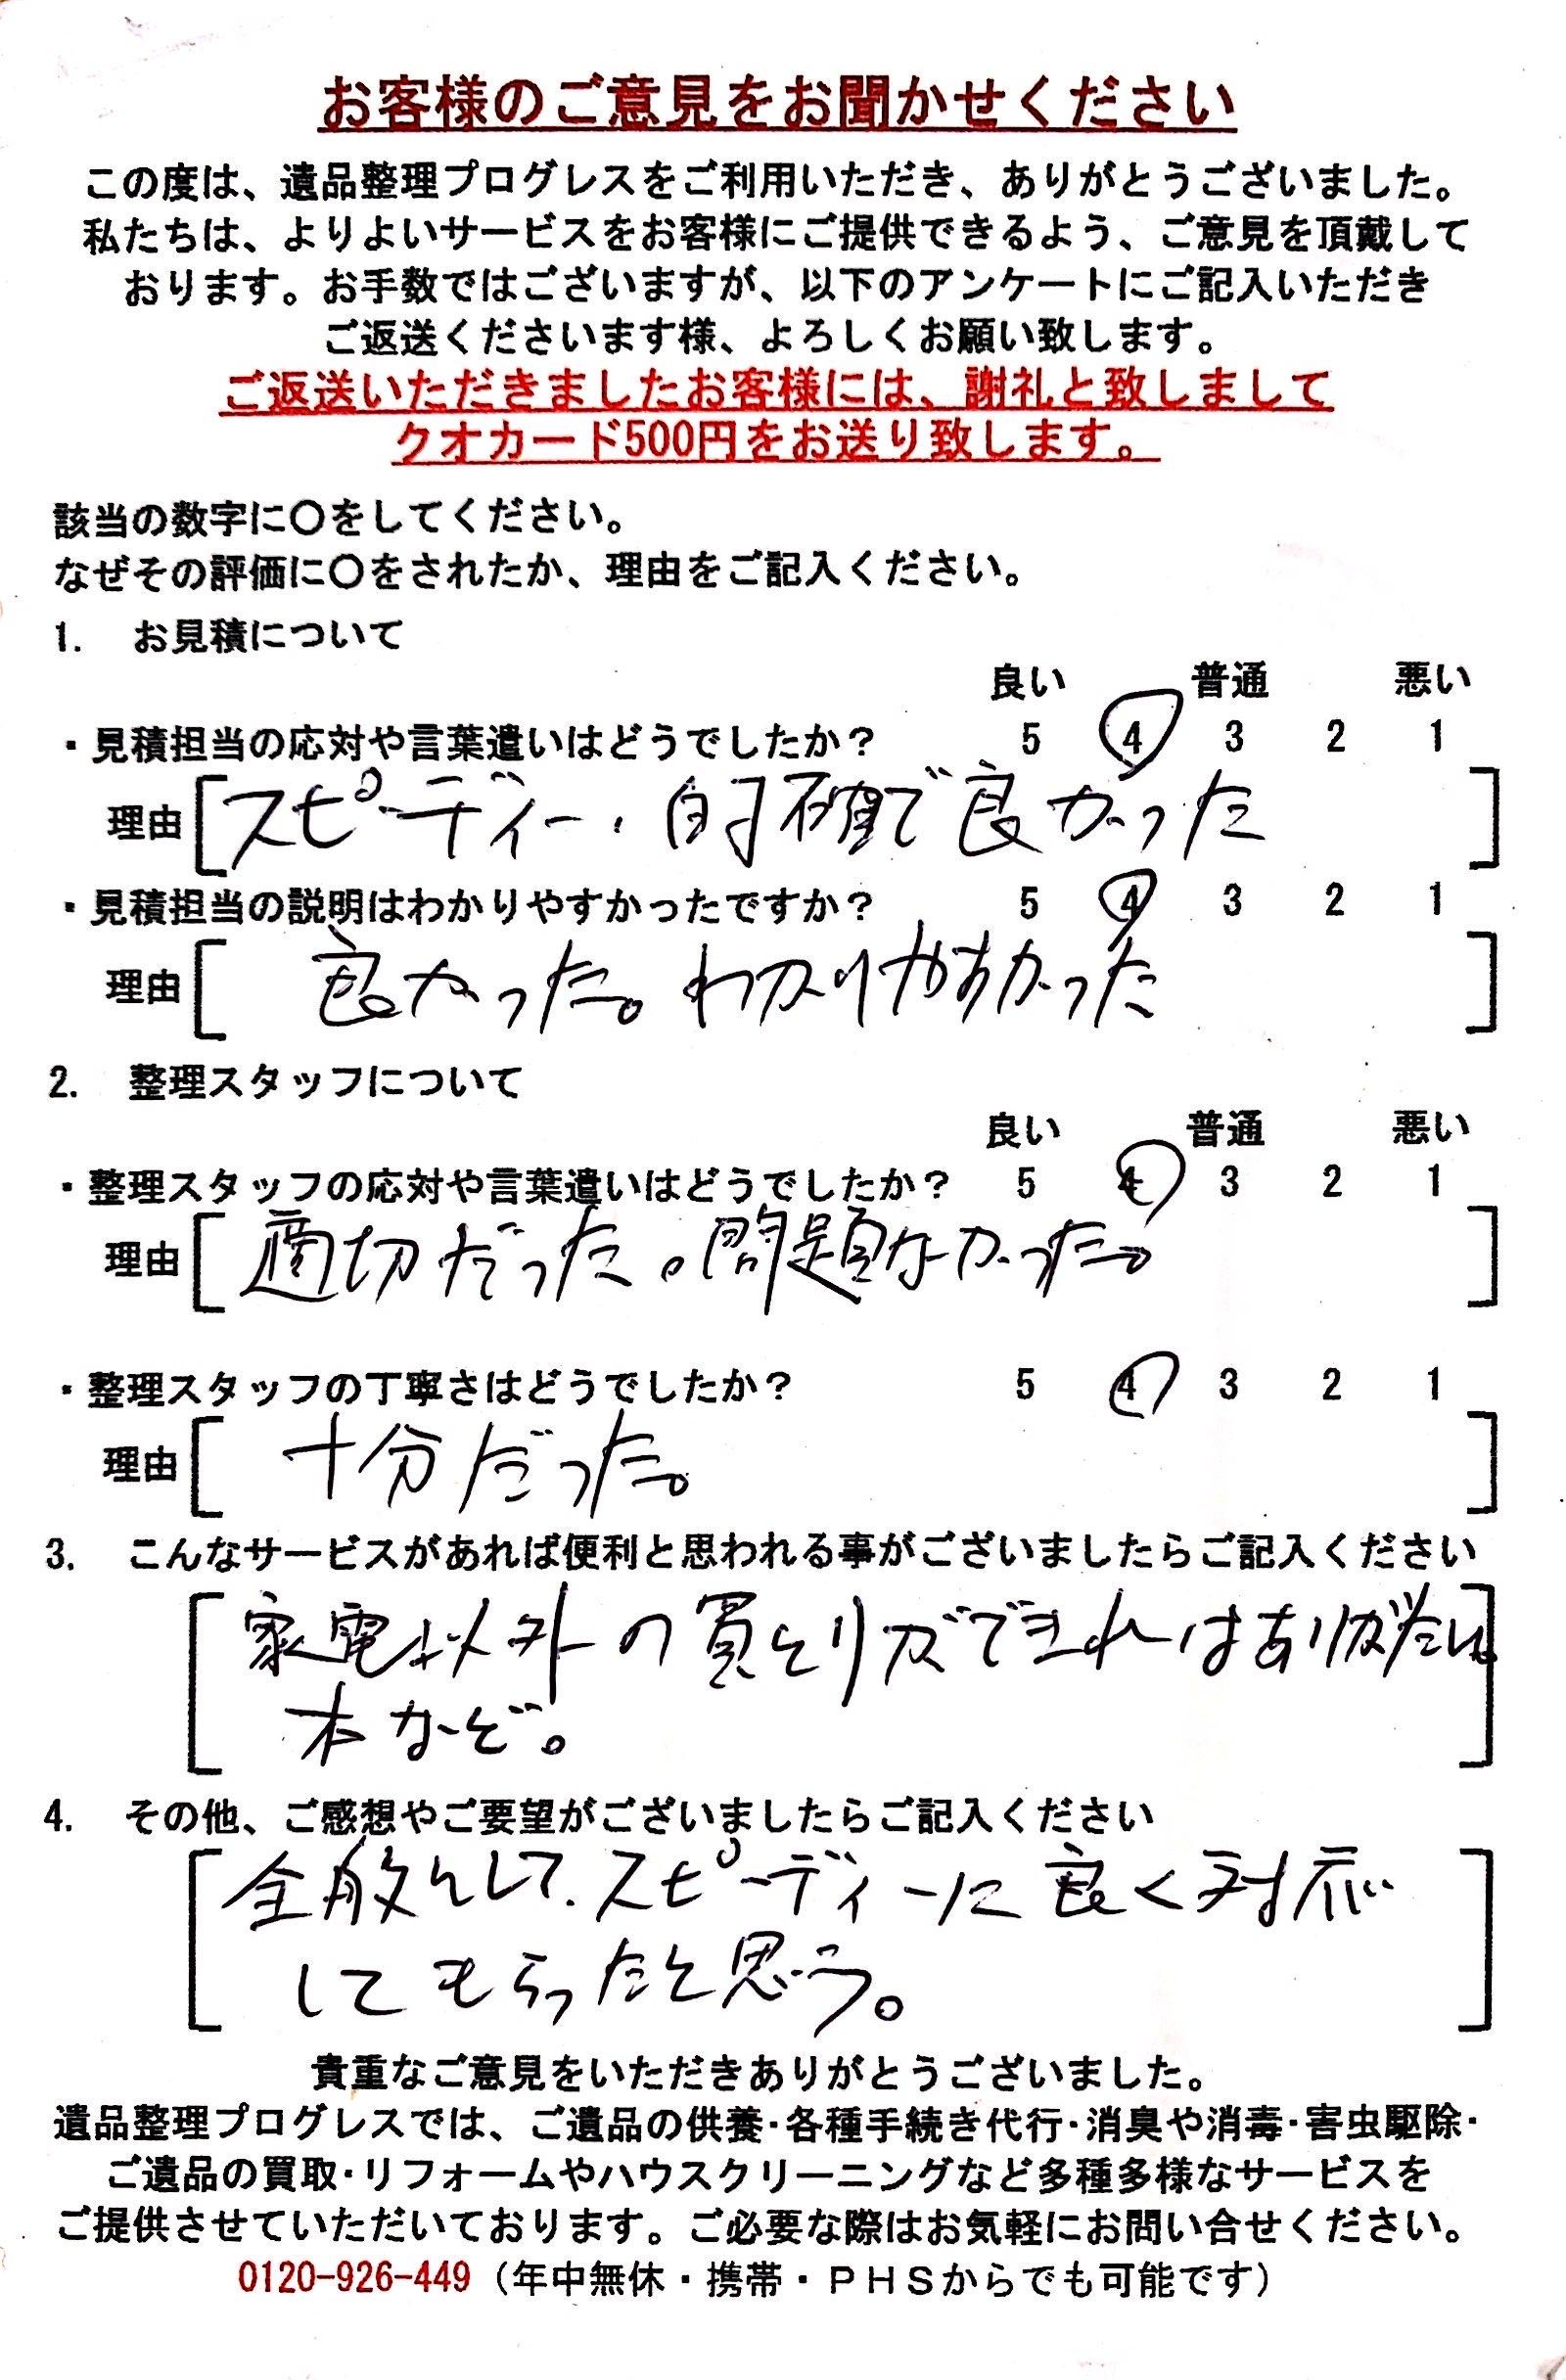 O・S様 東京都中央区のアンケート用紙